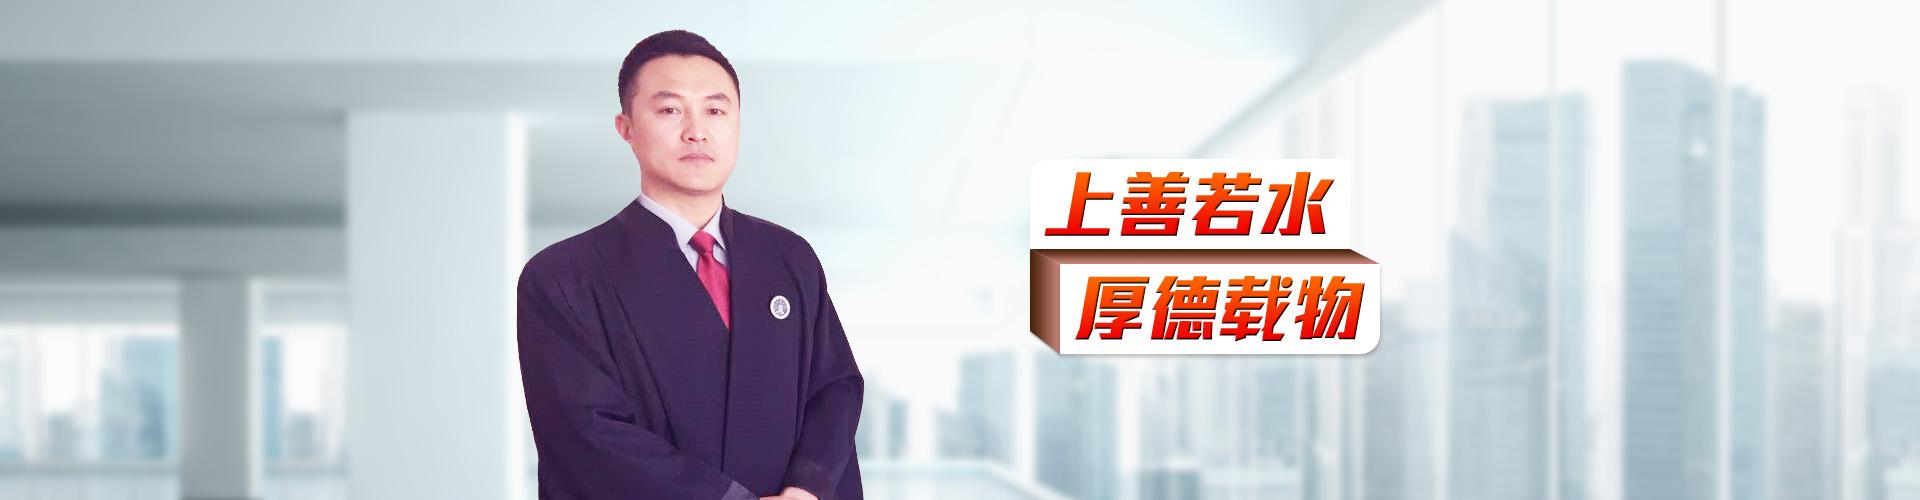 朱教海律师3